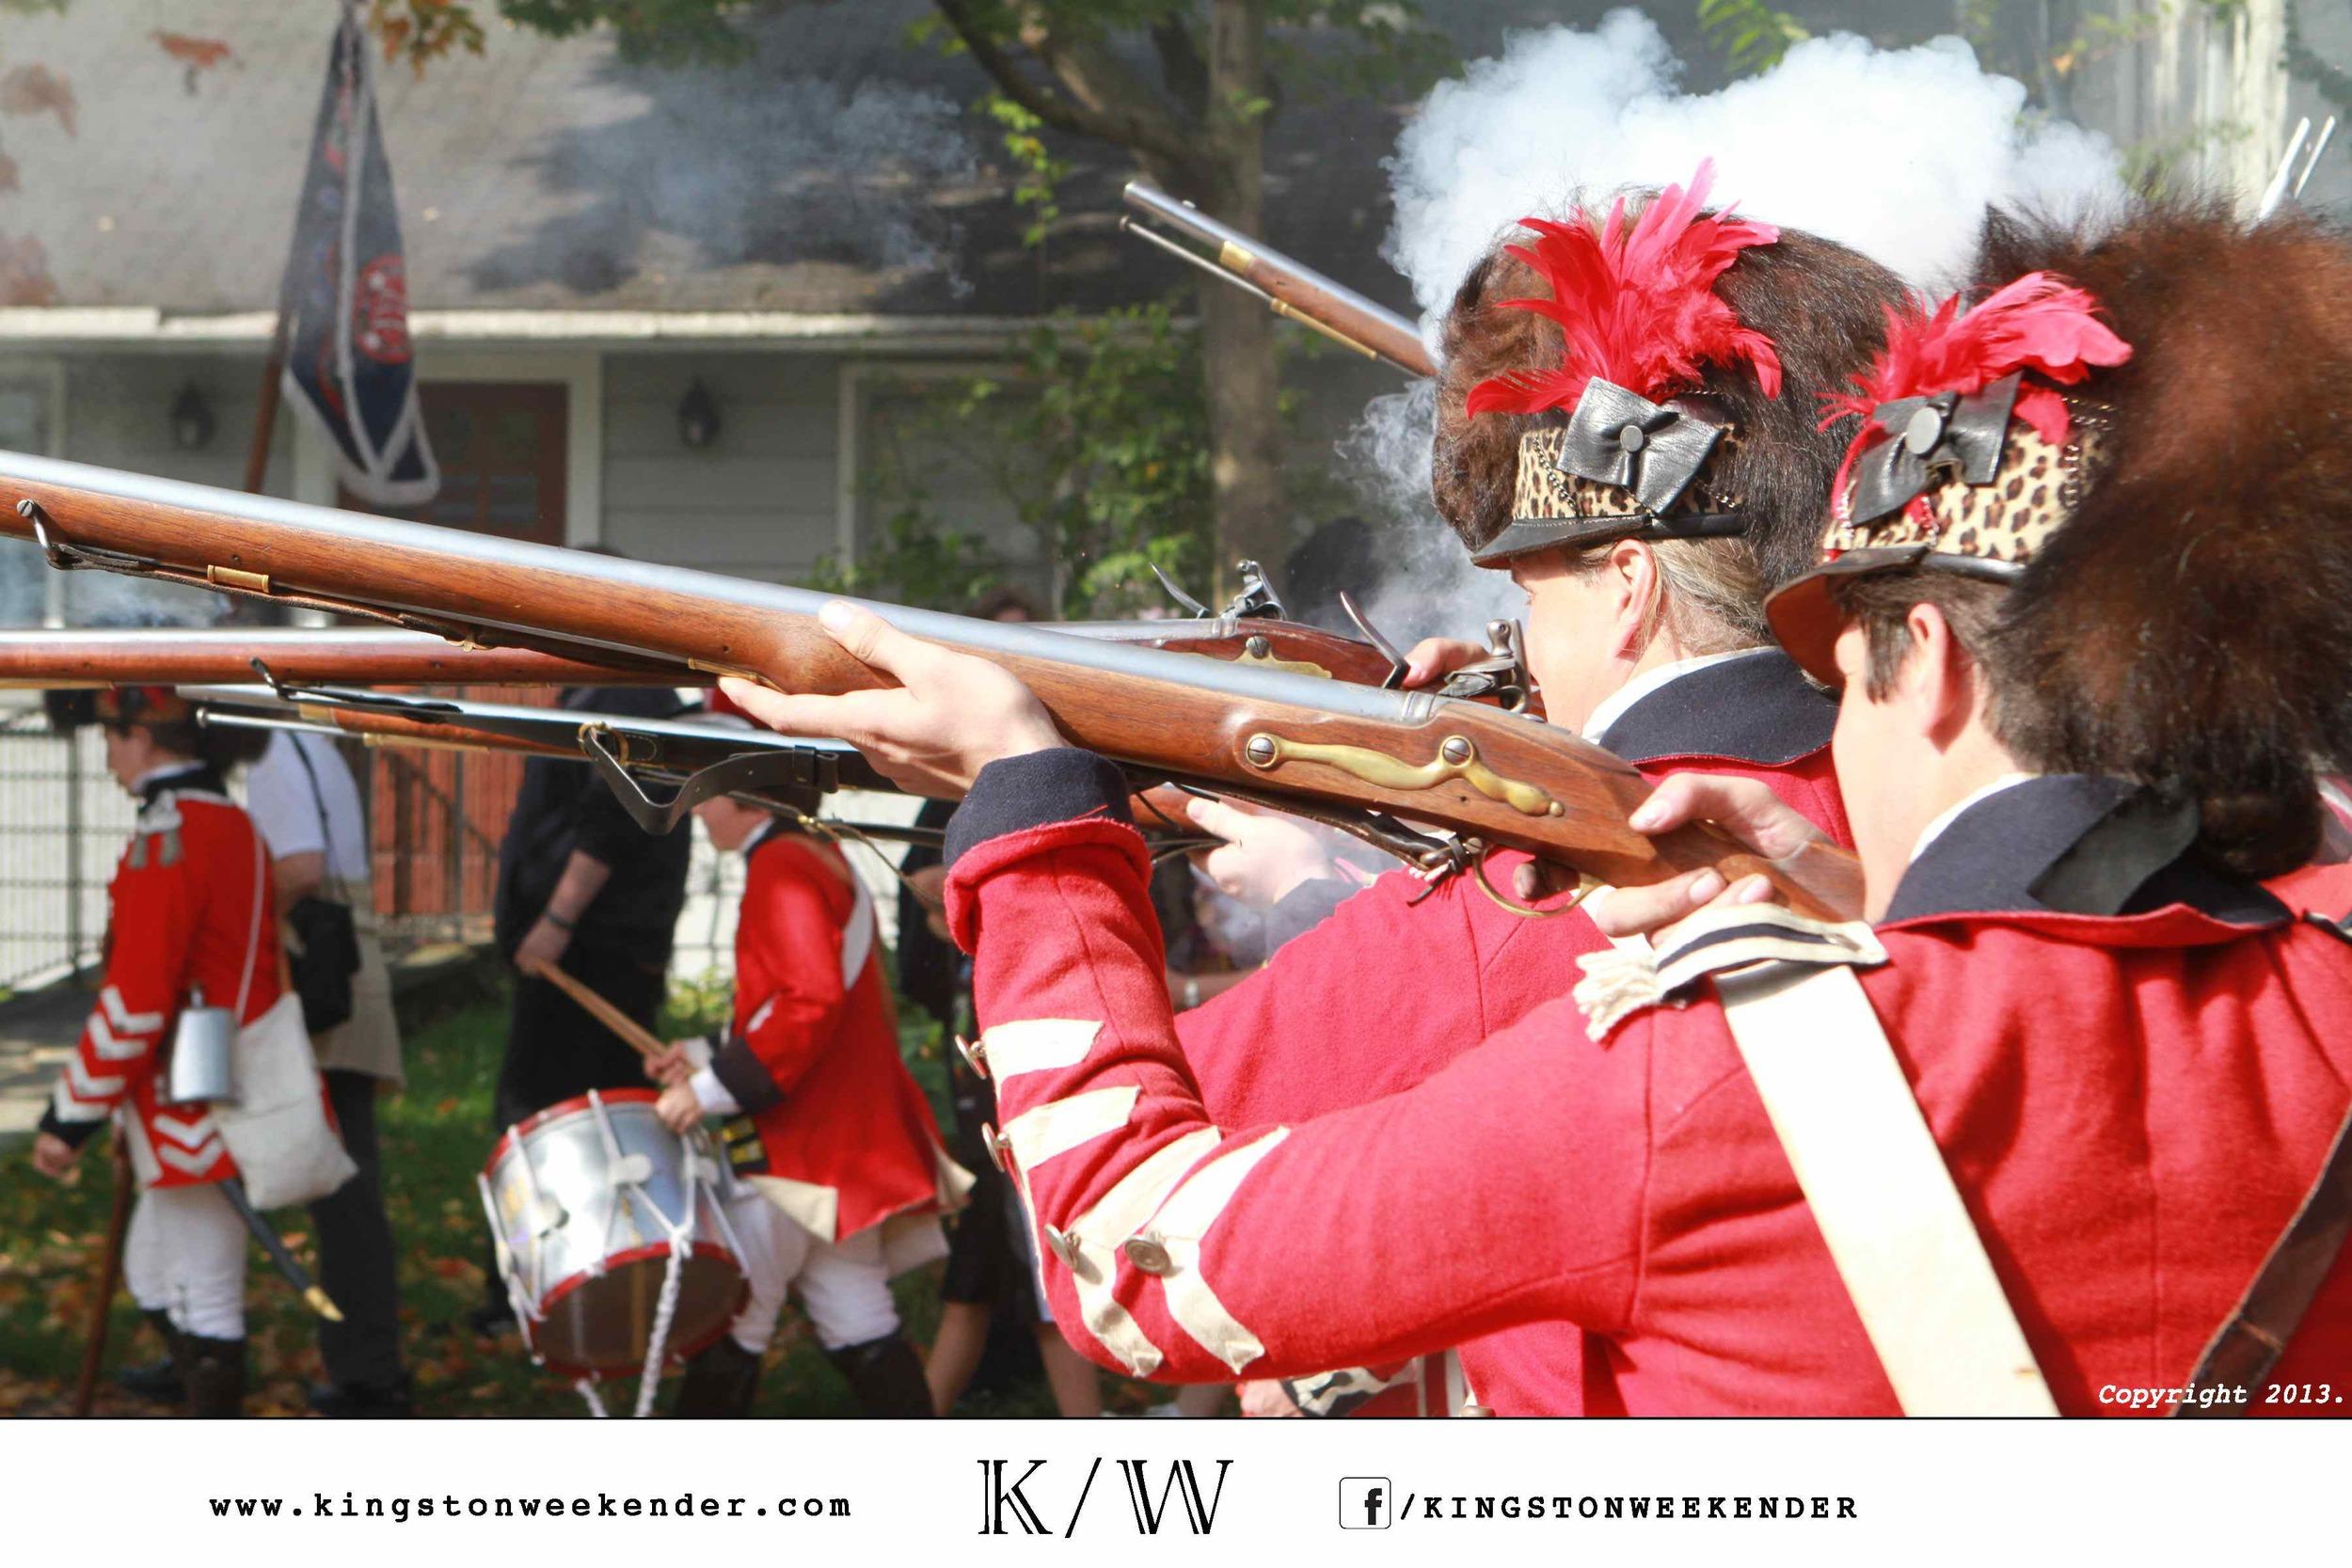 kingston-weekender-photo-credits17.jpg